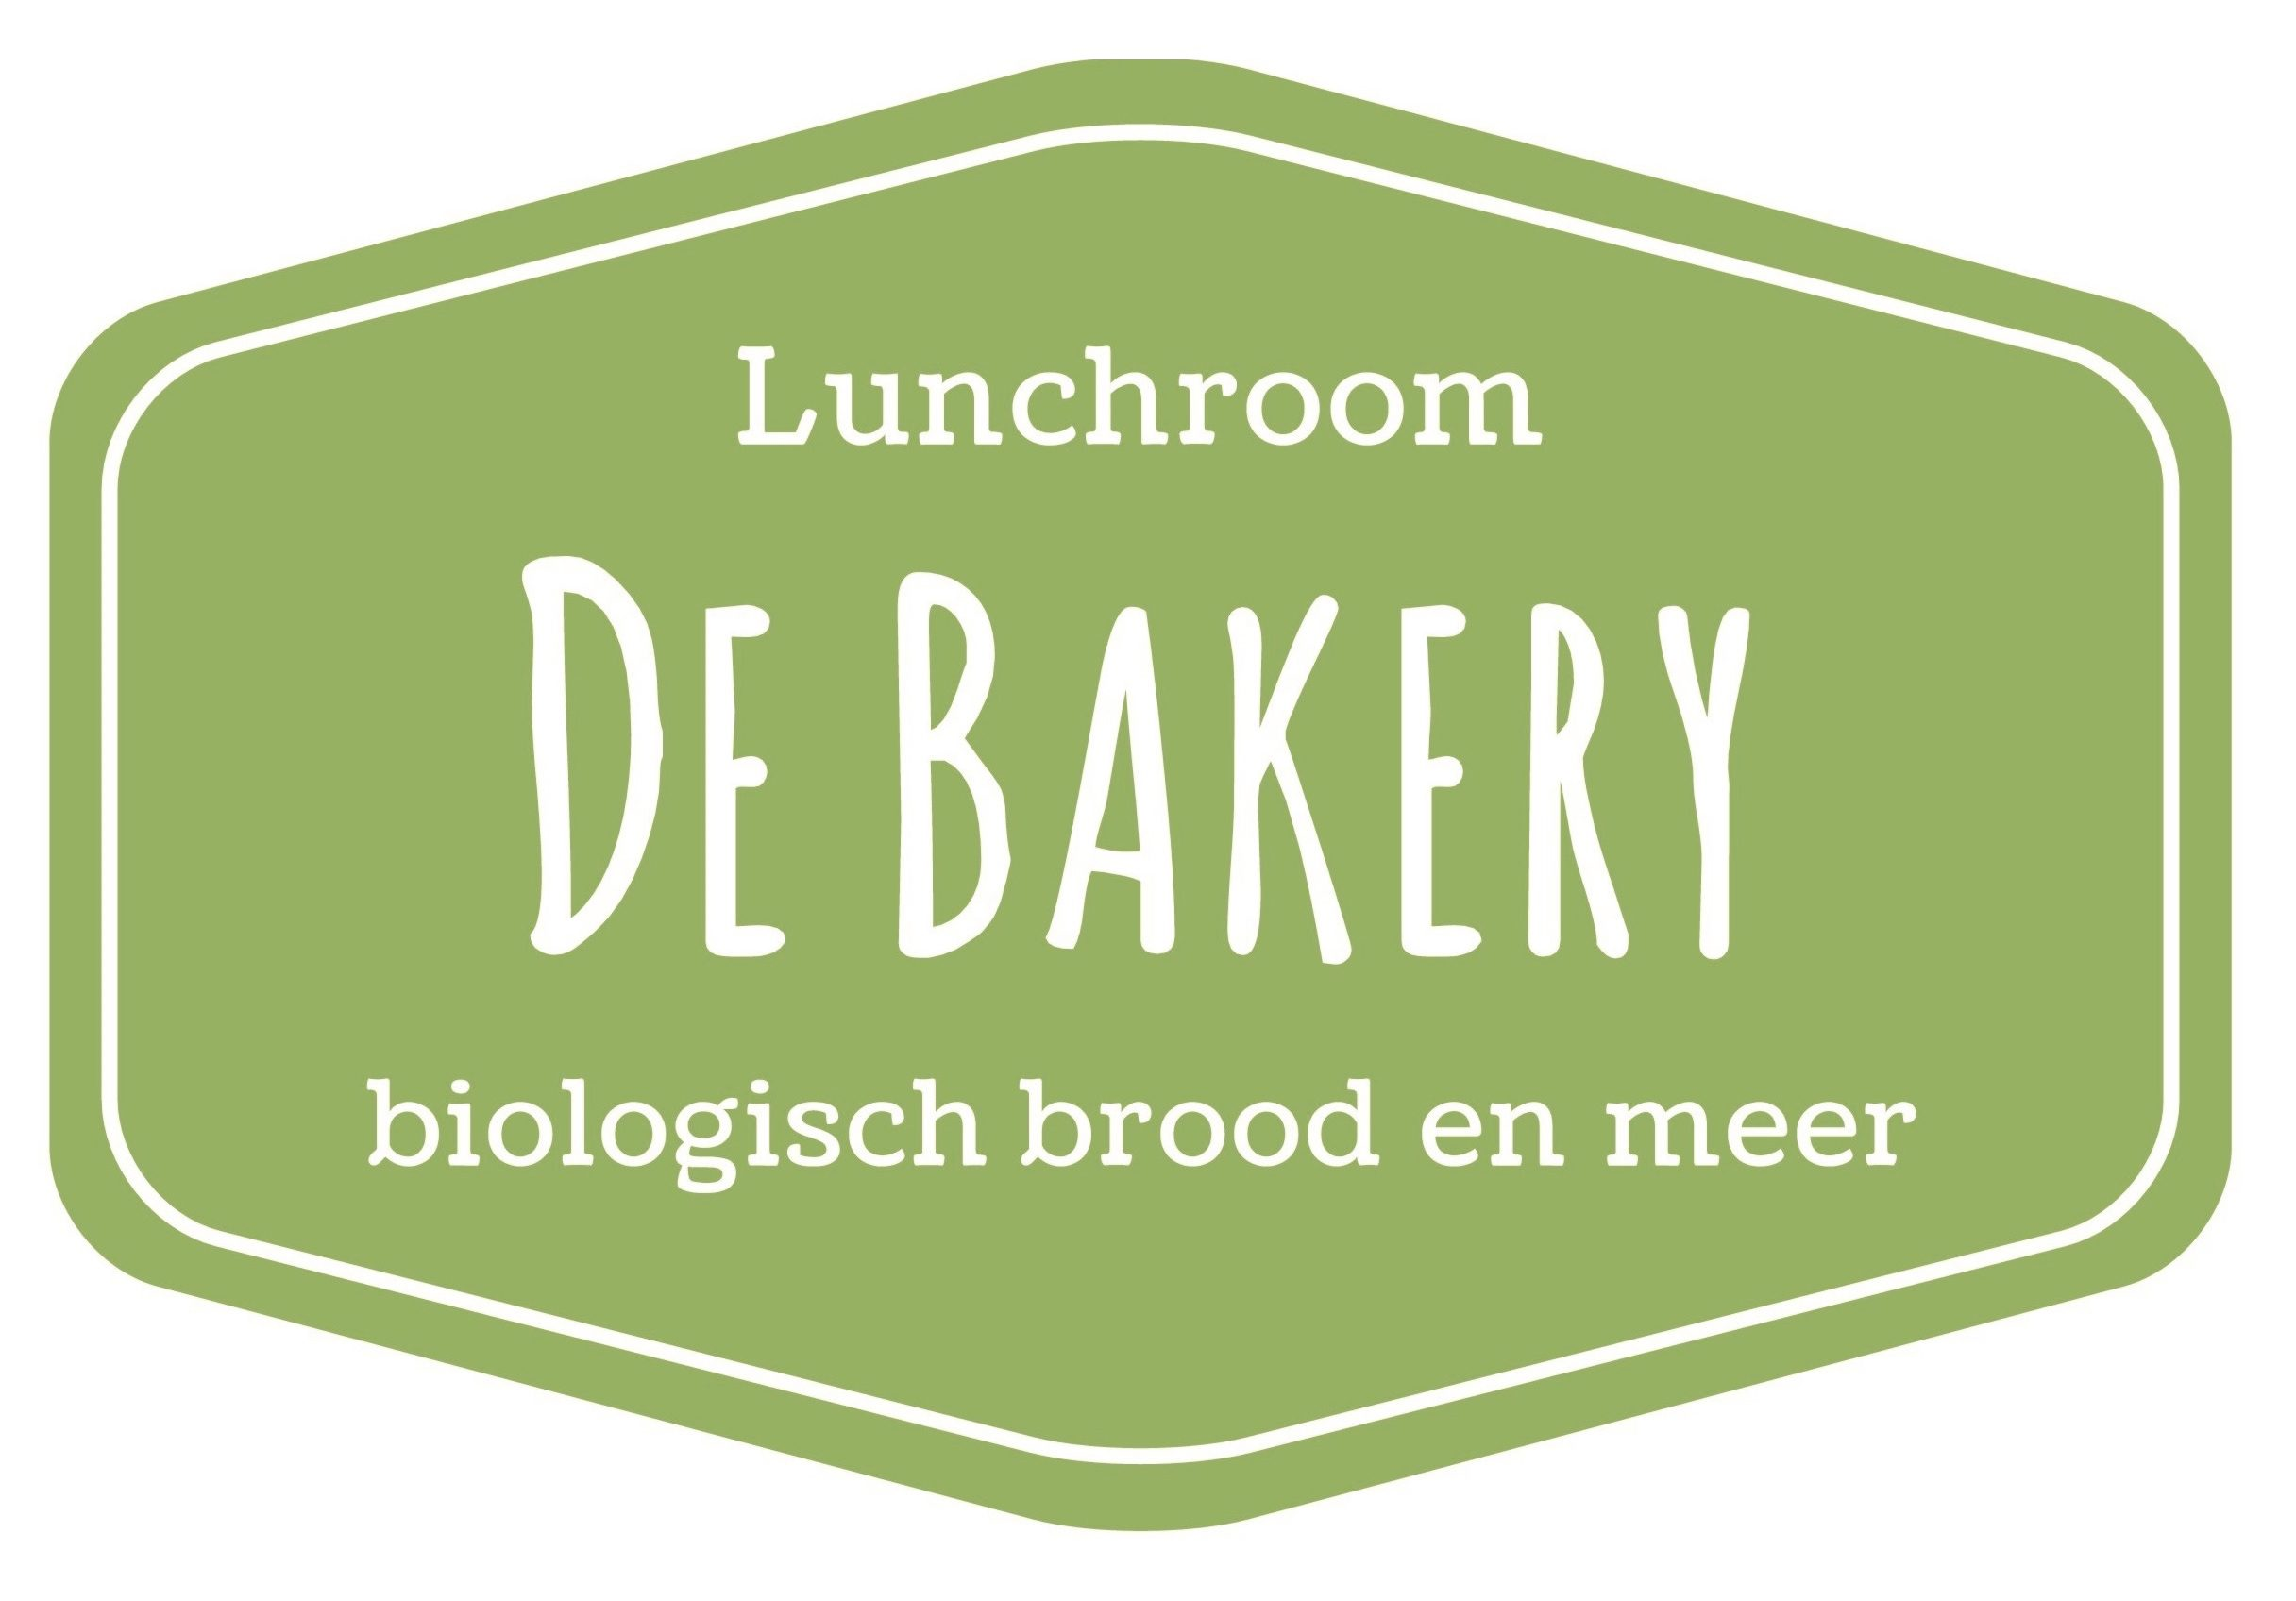 Lunchroom De Bakery